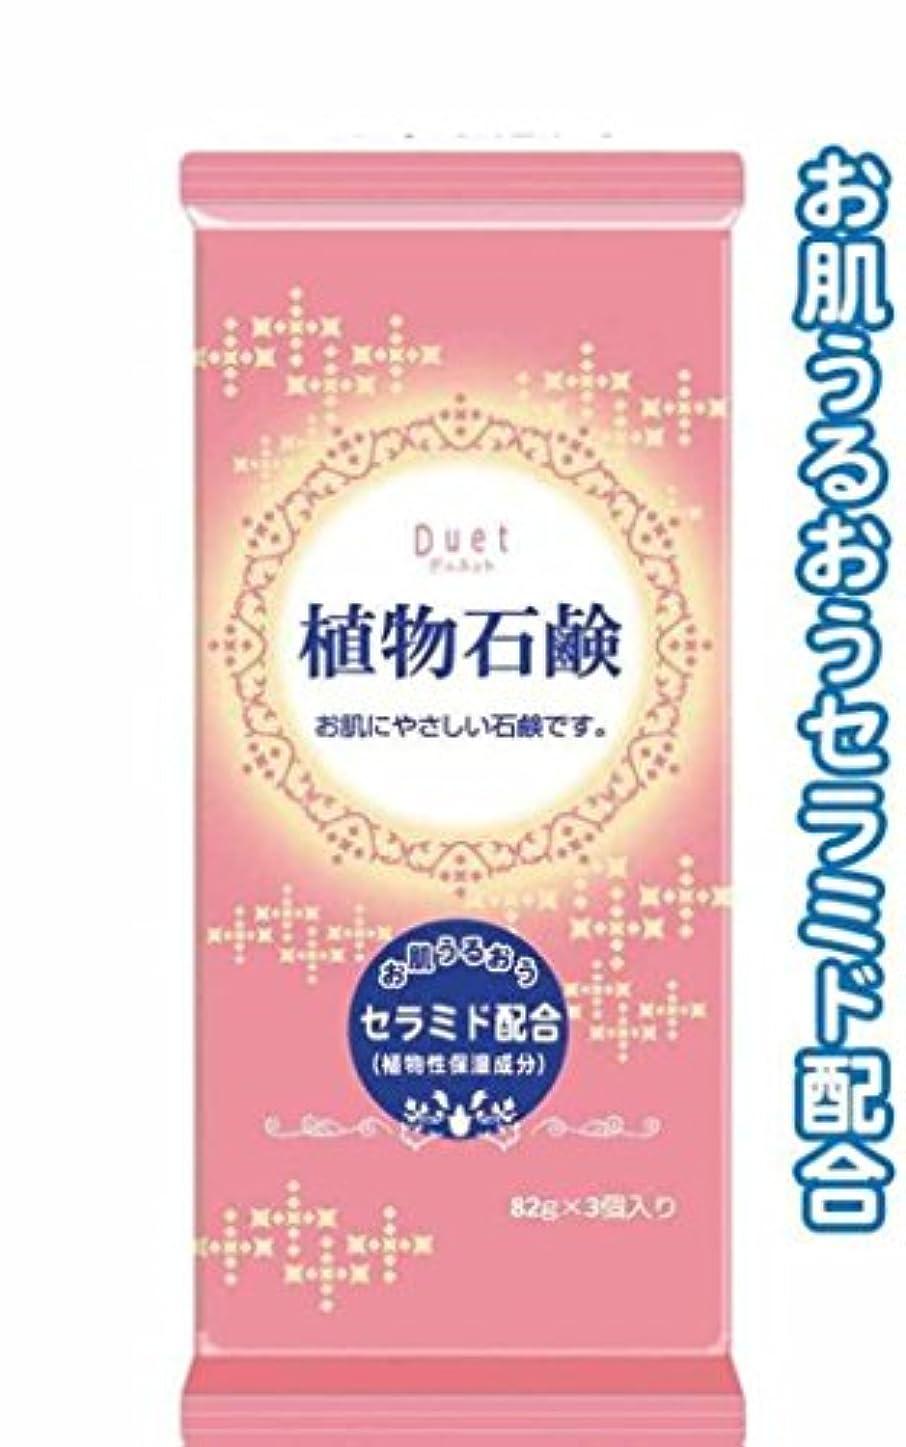 ポップランドリーマークされたデュエット植物石鹸82g×3個入フローラルの香り 【まとめ買い4個入り×320パック 合計1280個セット】 46-204